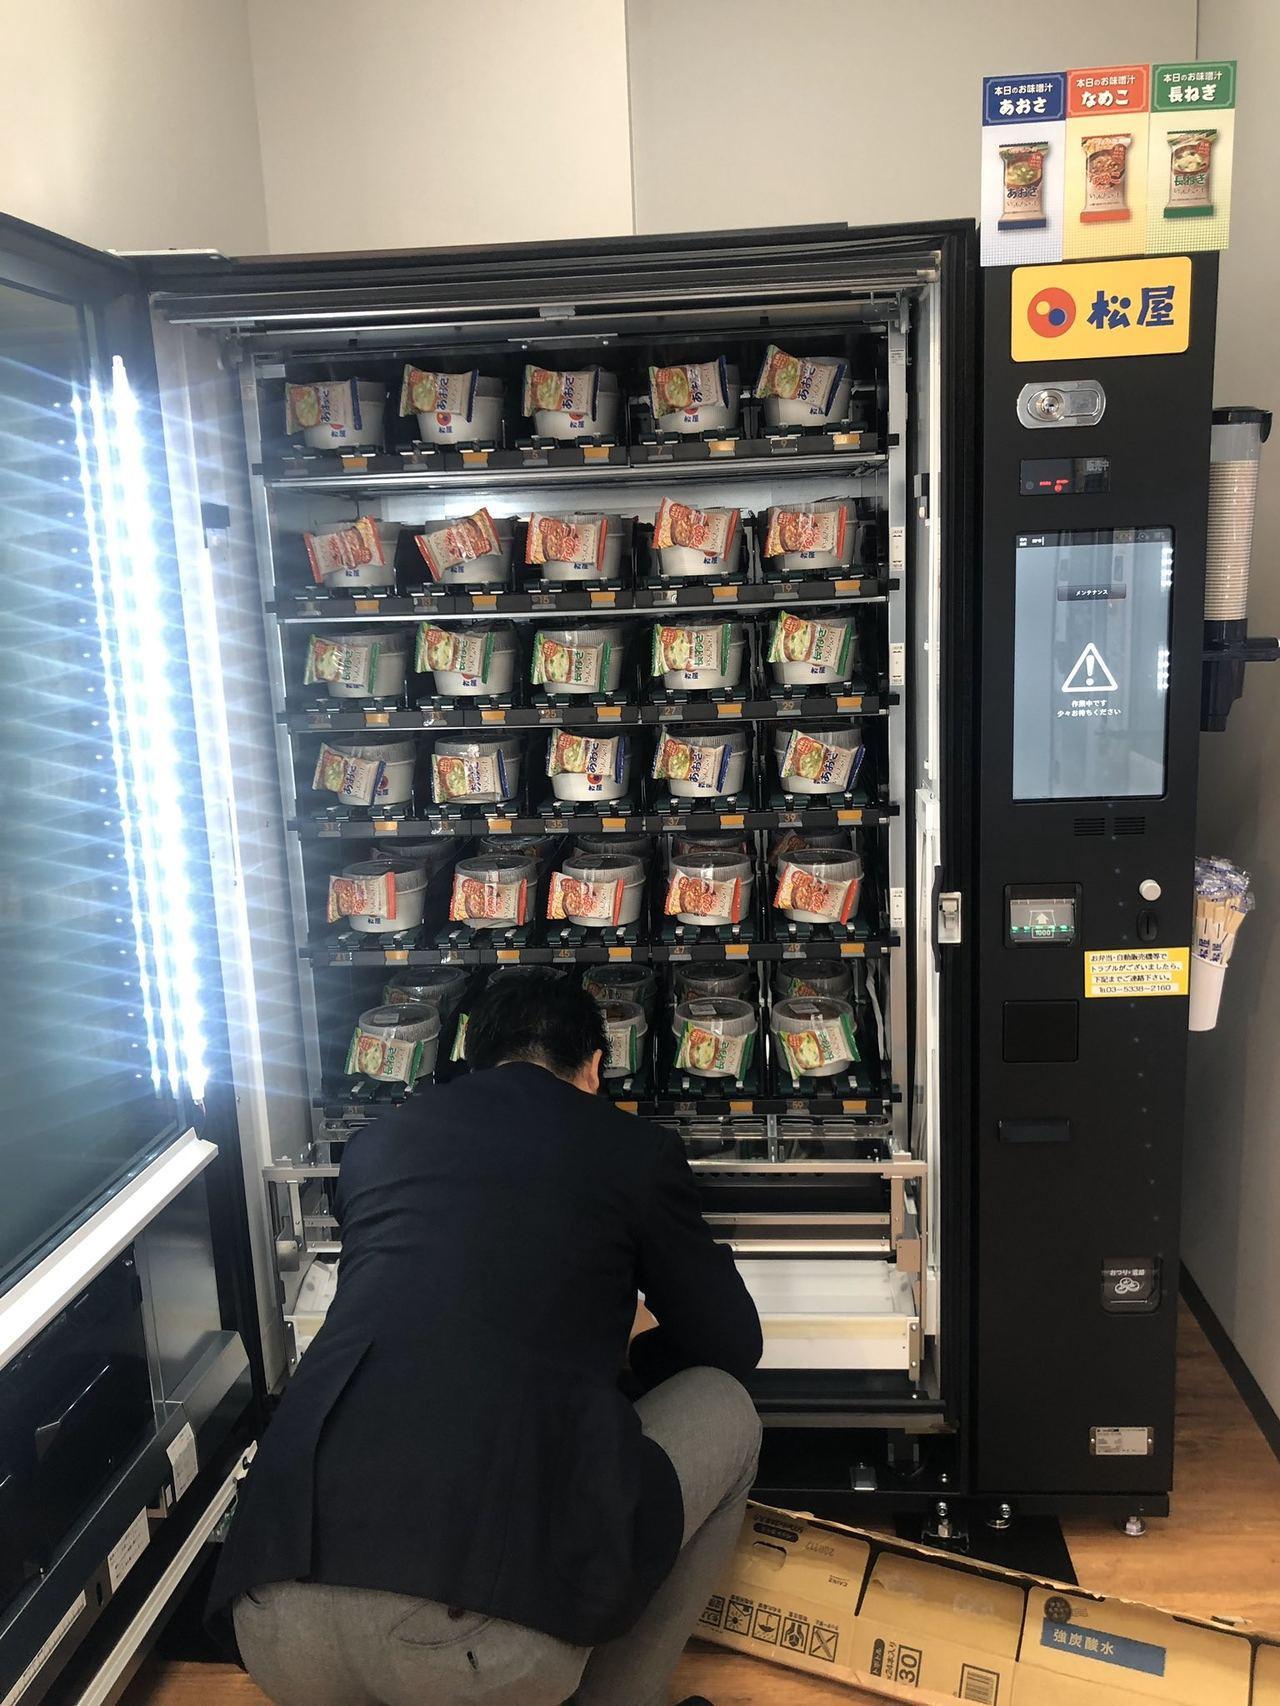 日本連鎖快餐店松屋與手機遊戲公司合作,於辦公室設立牛丼自動販賣機,獲大批員工歡迎...